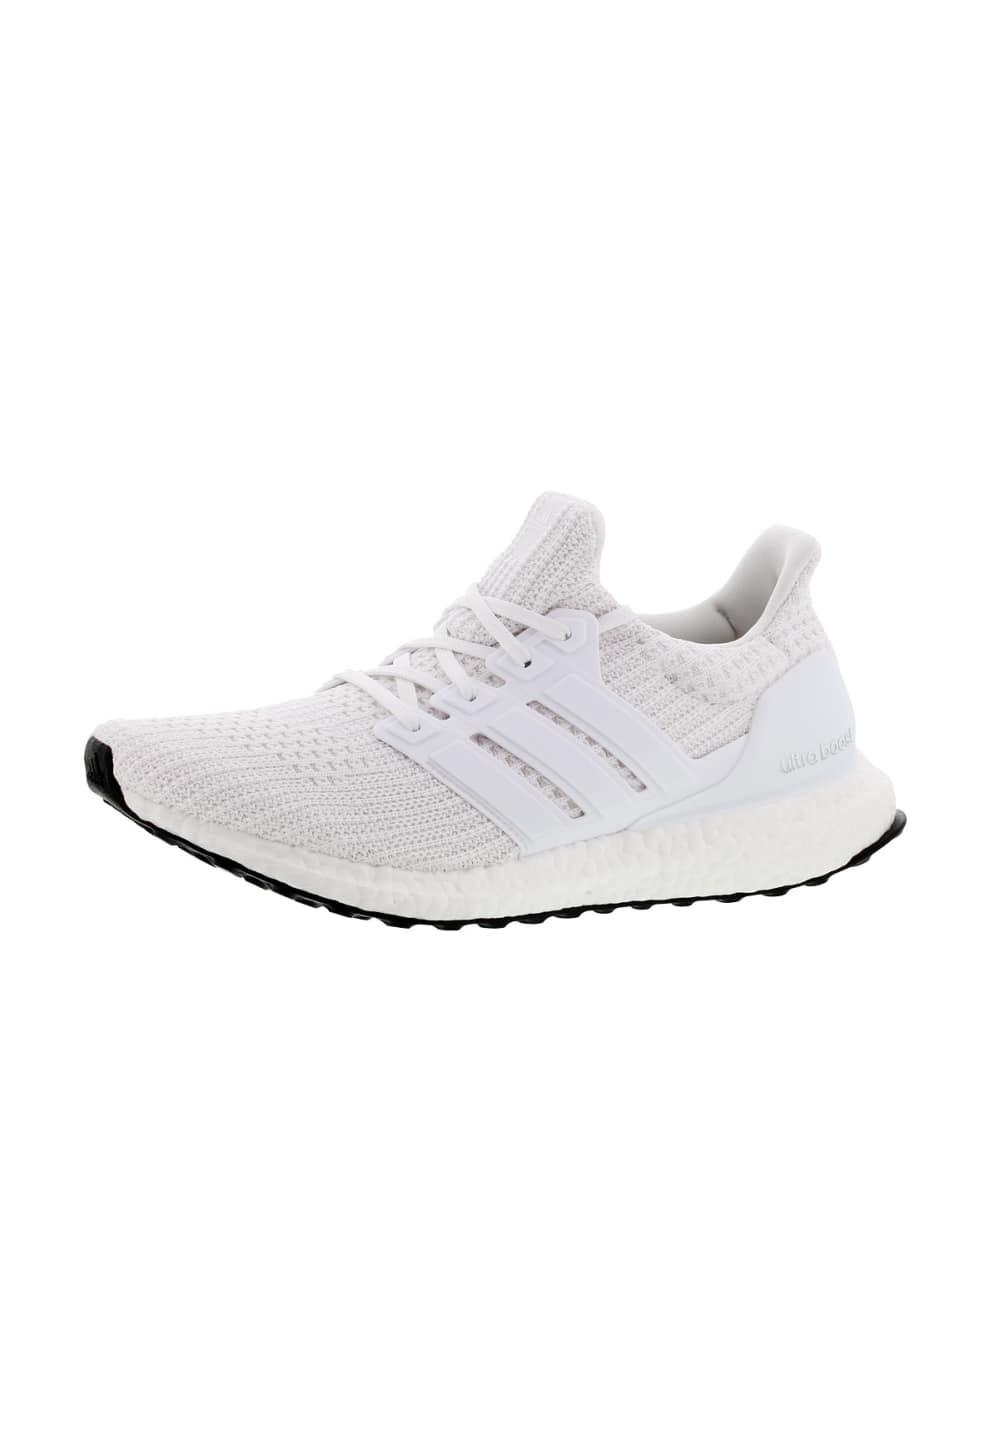 cb0159718e58 adidas Ultra Boost - Laufschuhe für Damen - Weiß günstig online kaufen